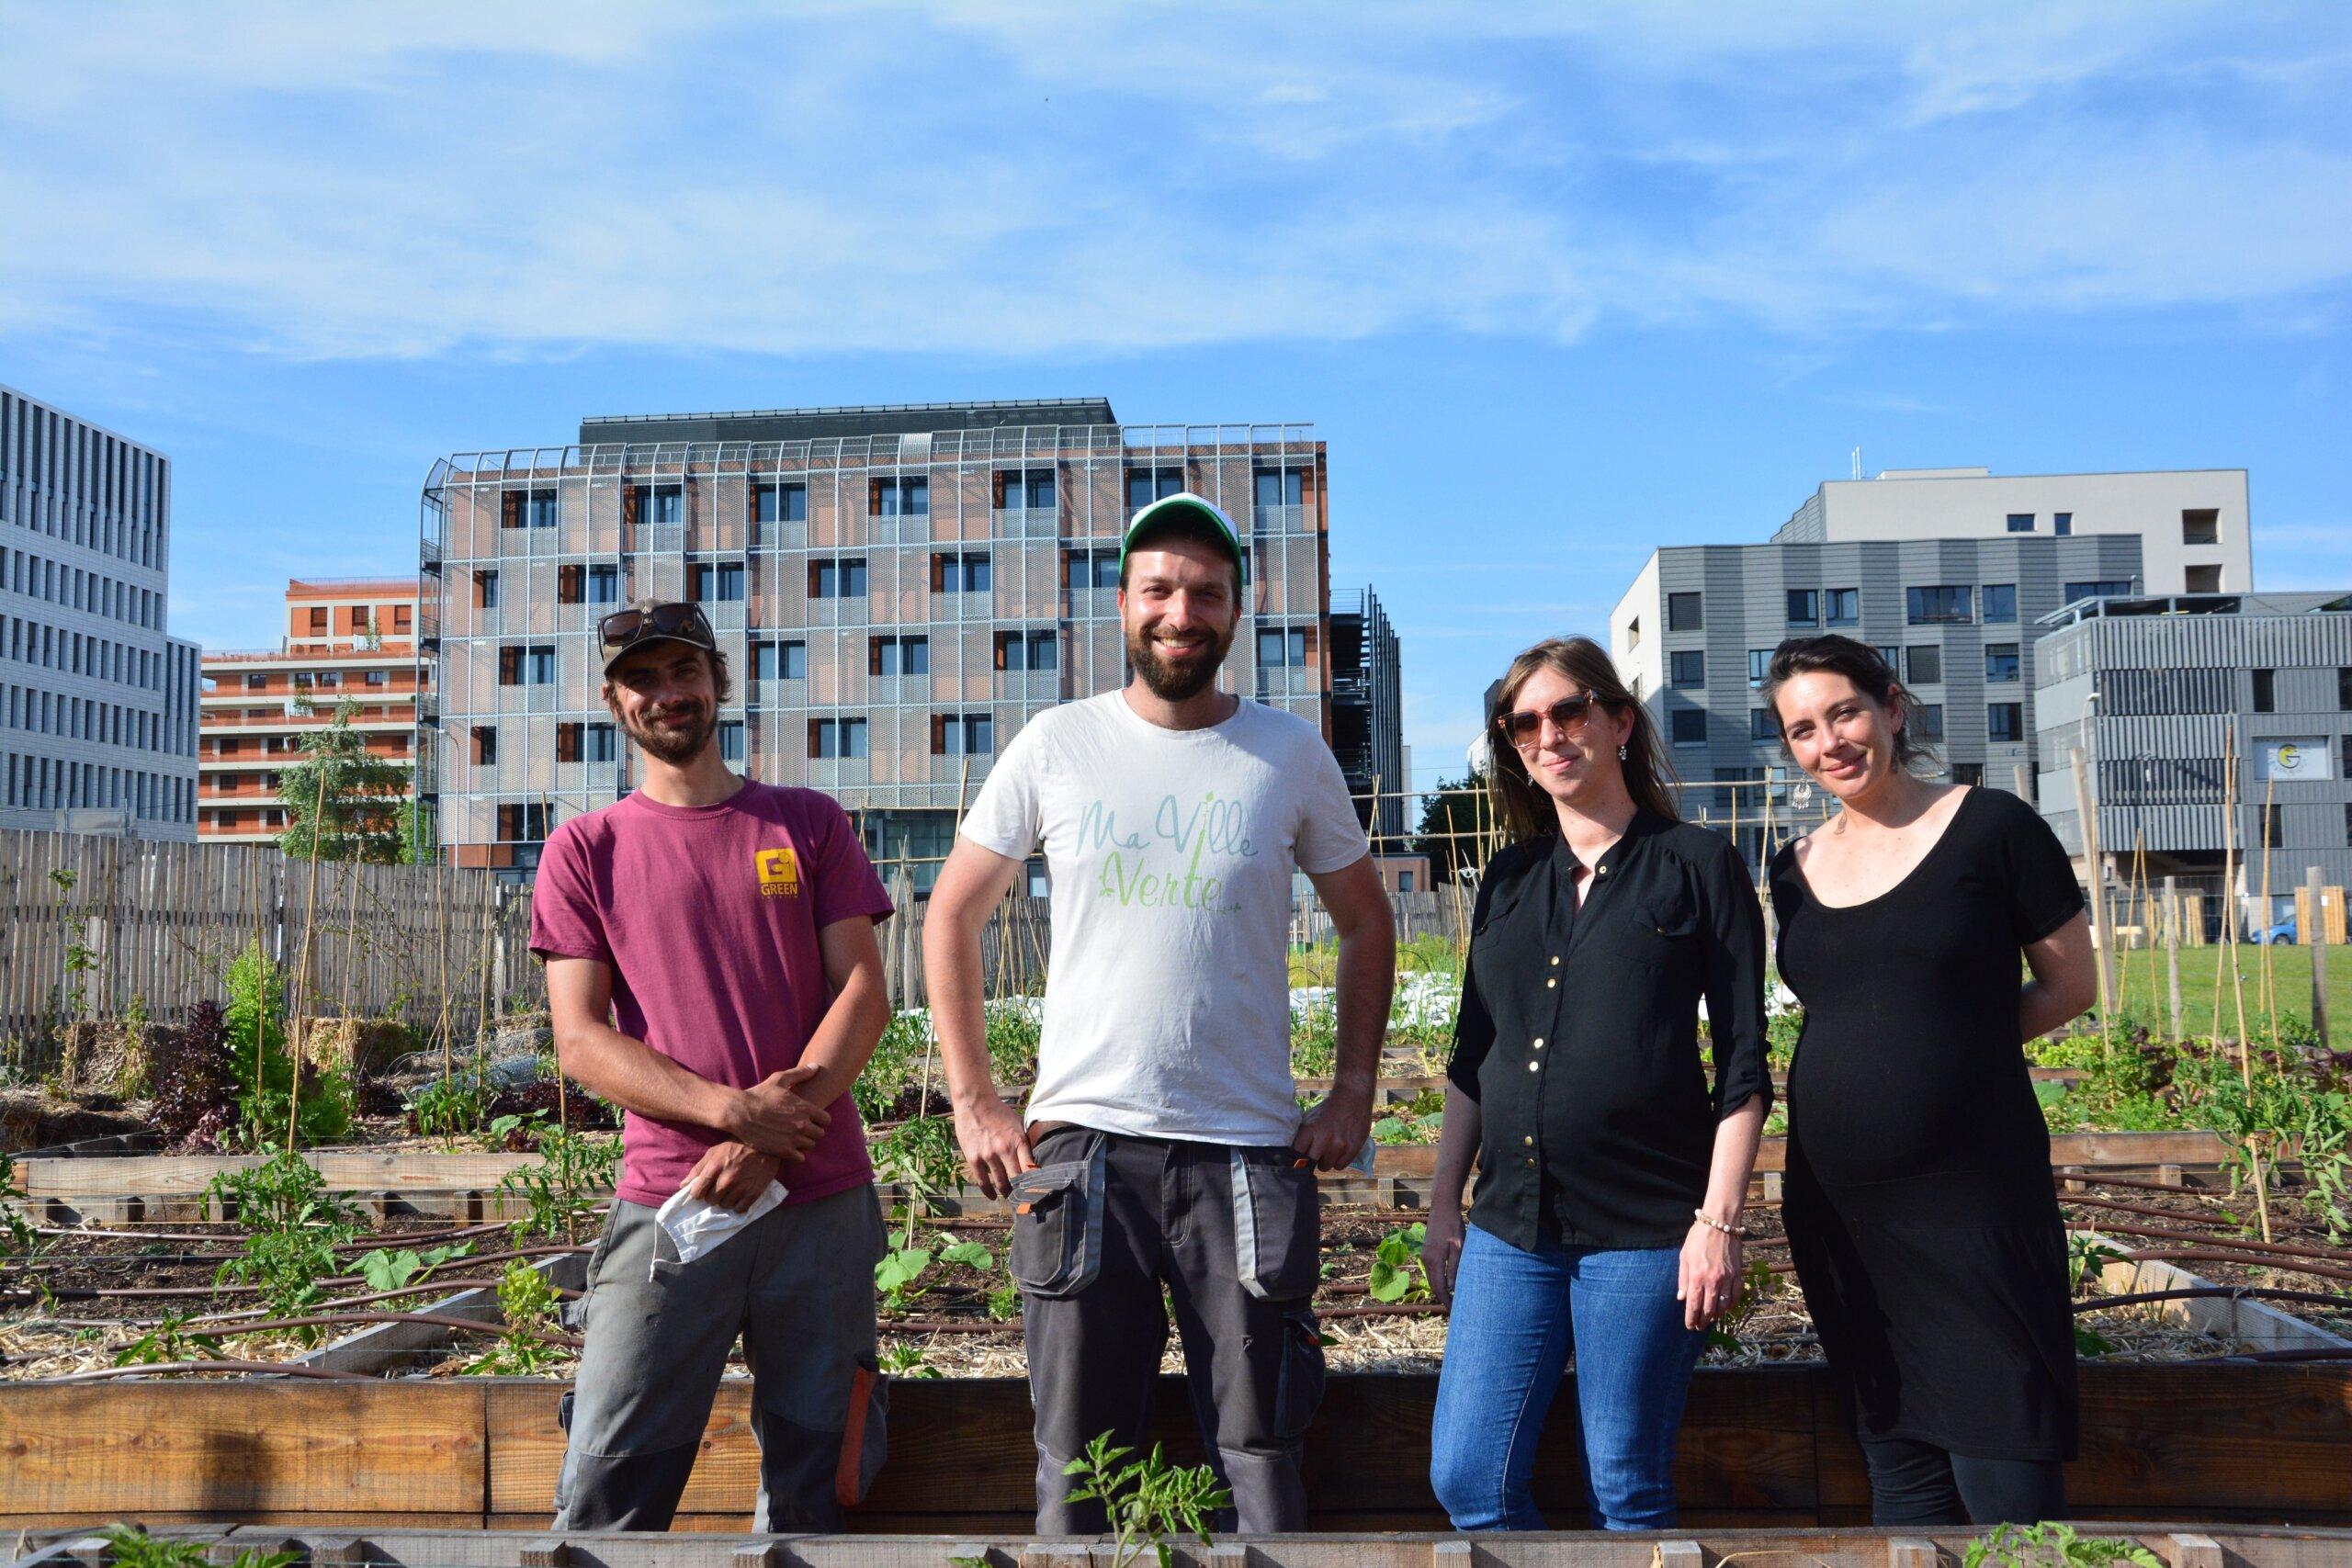 Ma ville verte compte quatre personnes